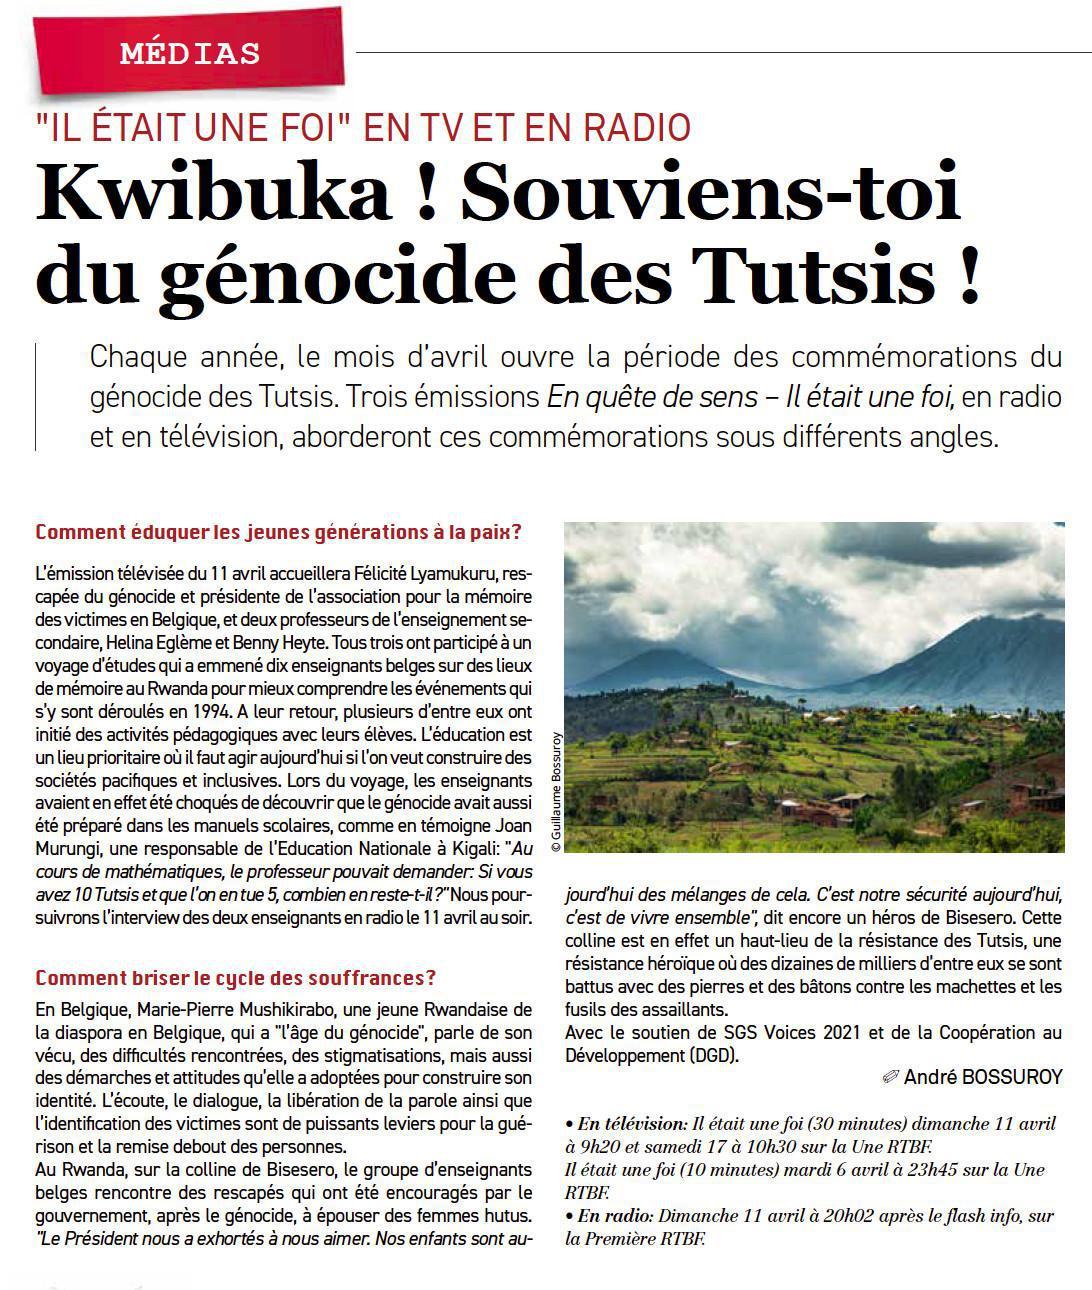 Rwanda, construire une société pacifique